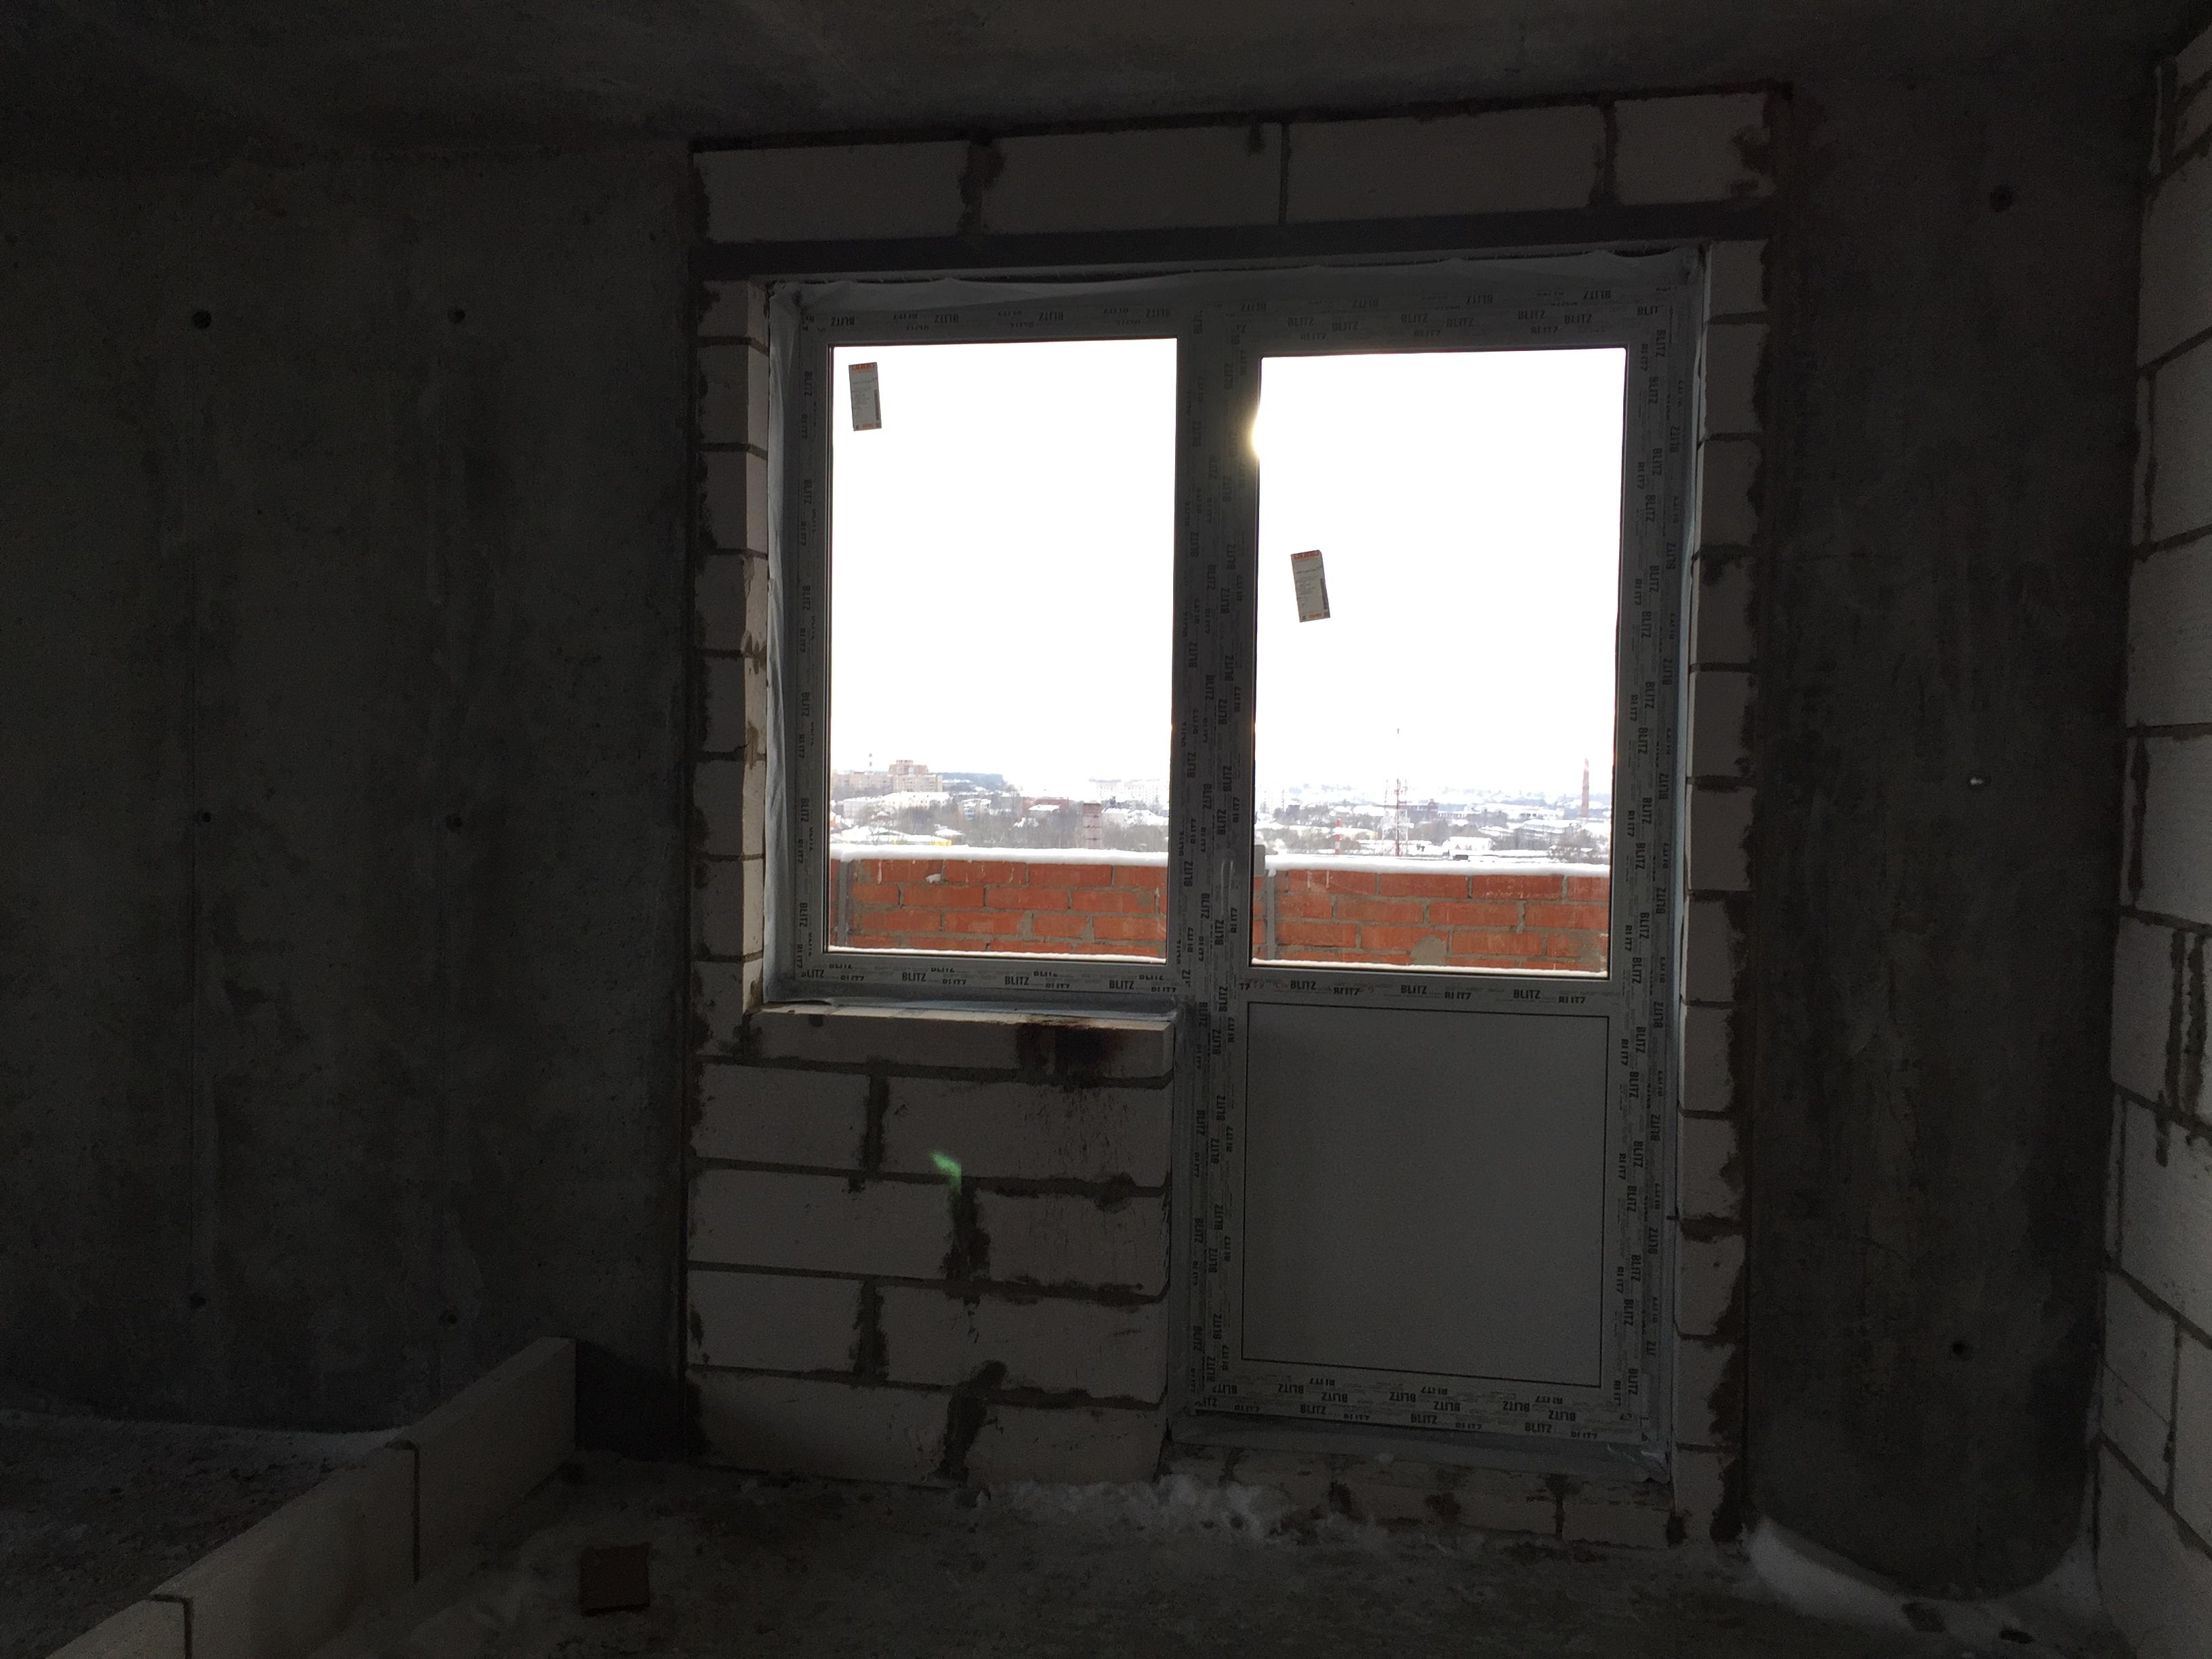 Проводятся работы по установке пластиковых окон секции Б на уровне с 6 по 16 этаж. Завершены работы по устройству подпорной стенки секций А и Б. Выполнены работы по выносу участка теплотрассы, проходящей по строительной площадке. Ведутся работы по подключению домов к теплосистеме города.